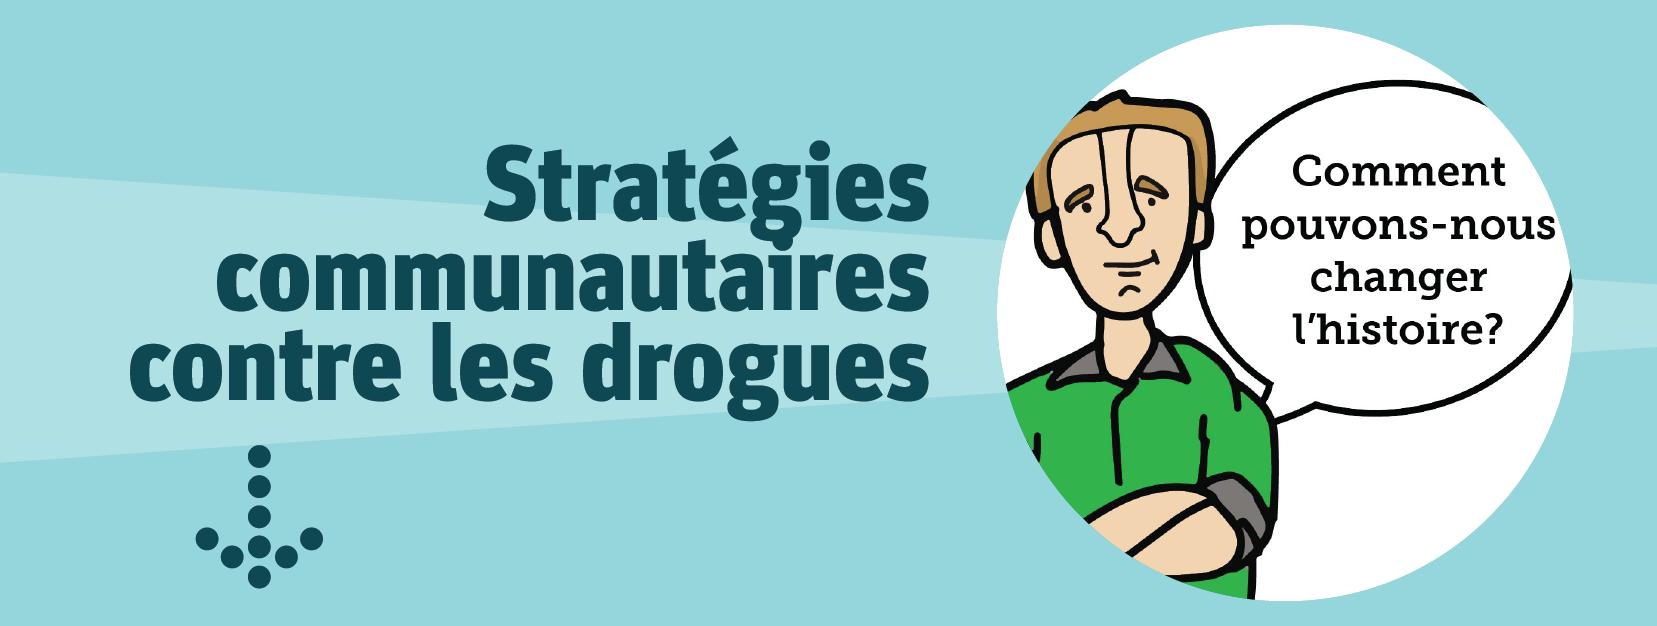 Stratégies communautaires contre les drogues